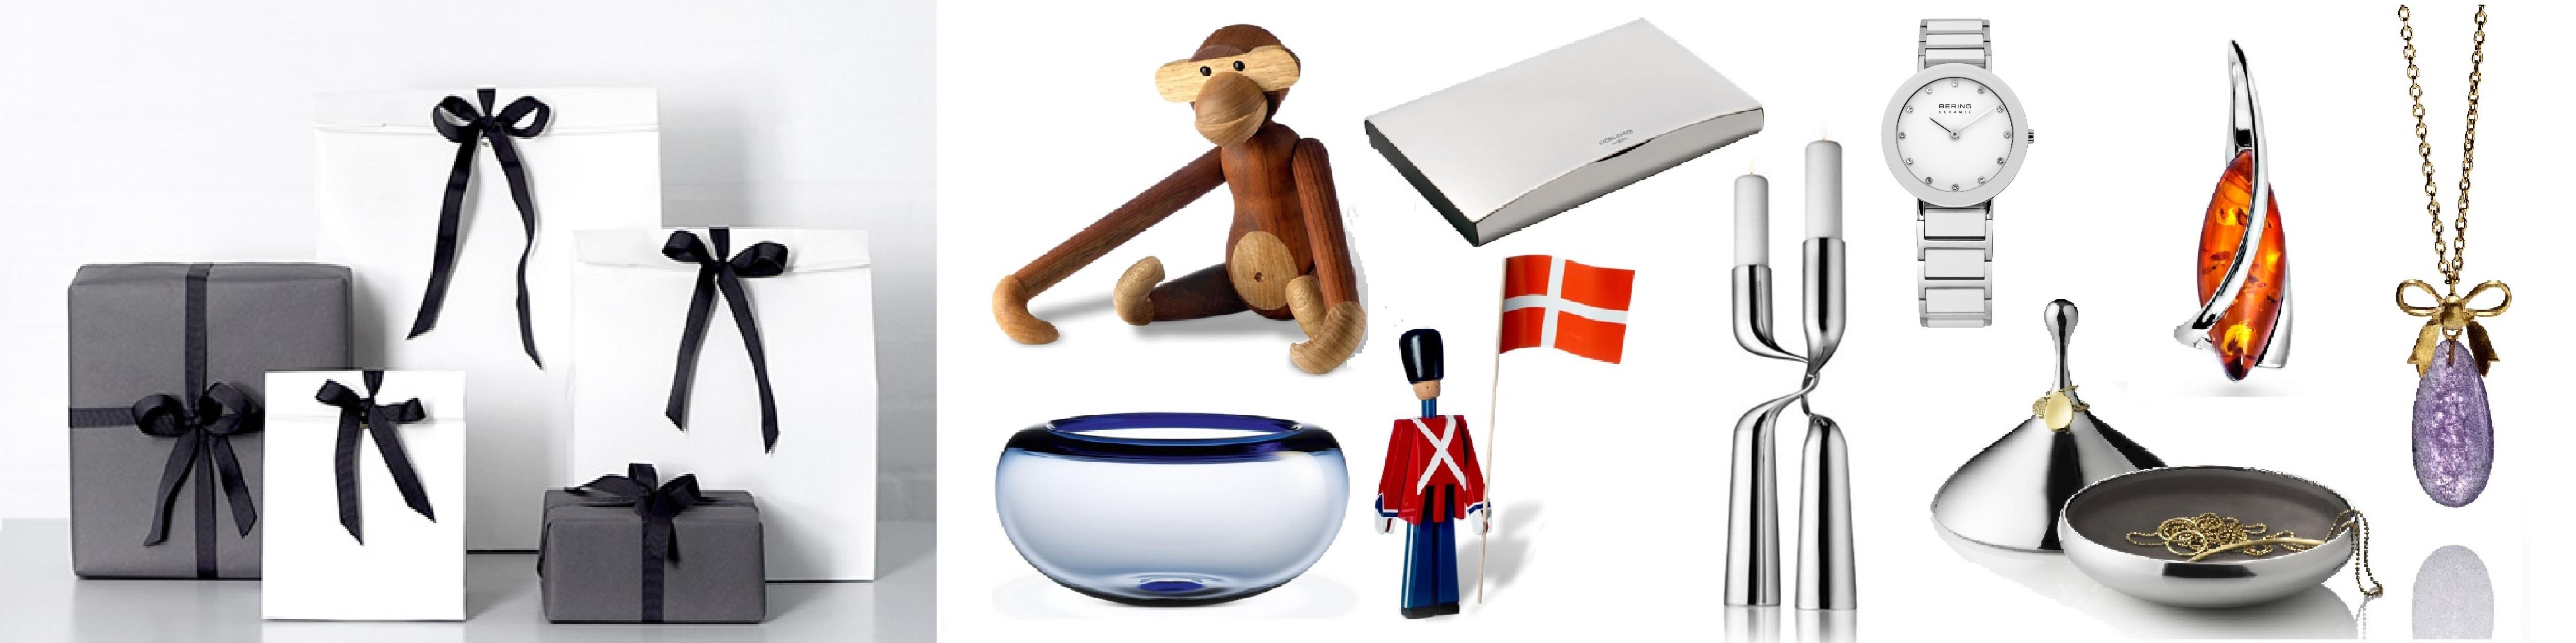 gift-page-image-ii.jpg